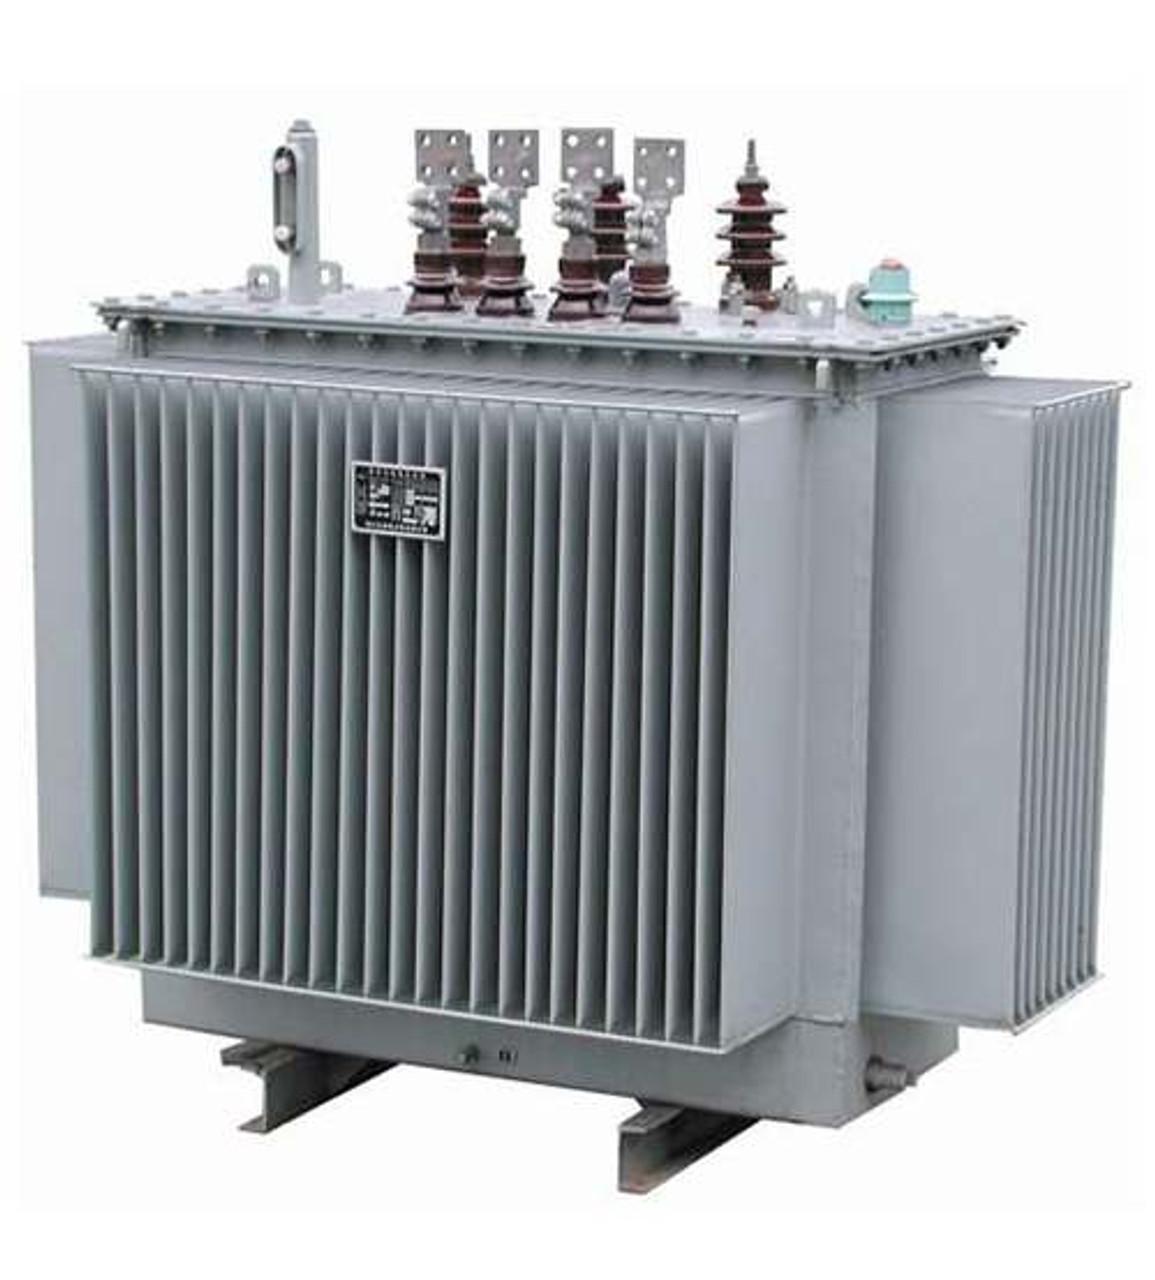 hight resolution of power transformer abb 500kva 11 0415kv distribution transformer